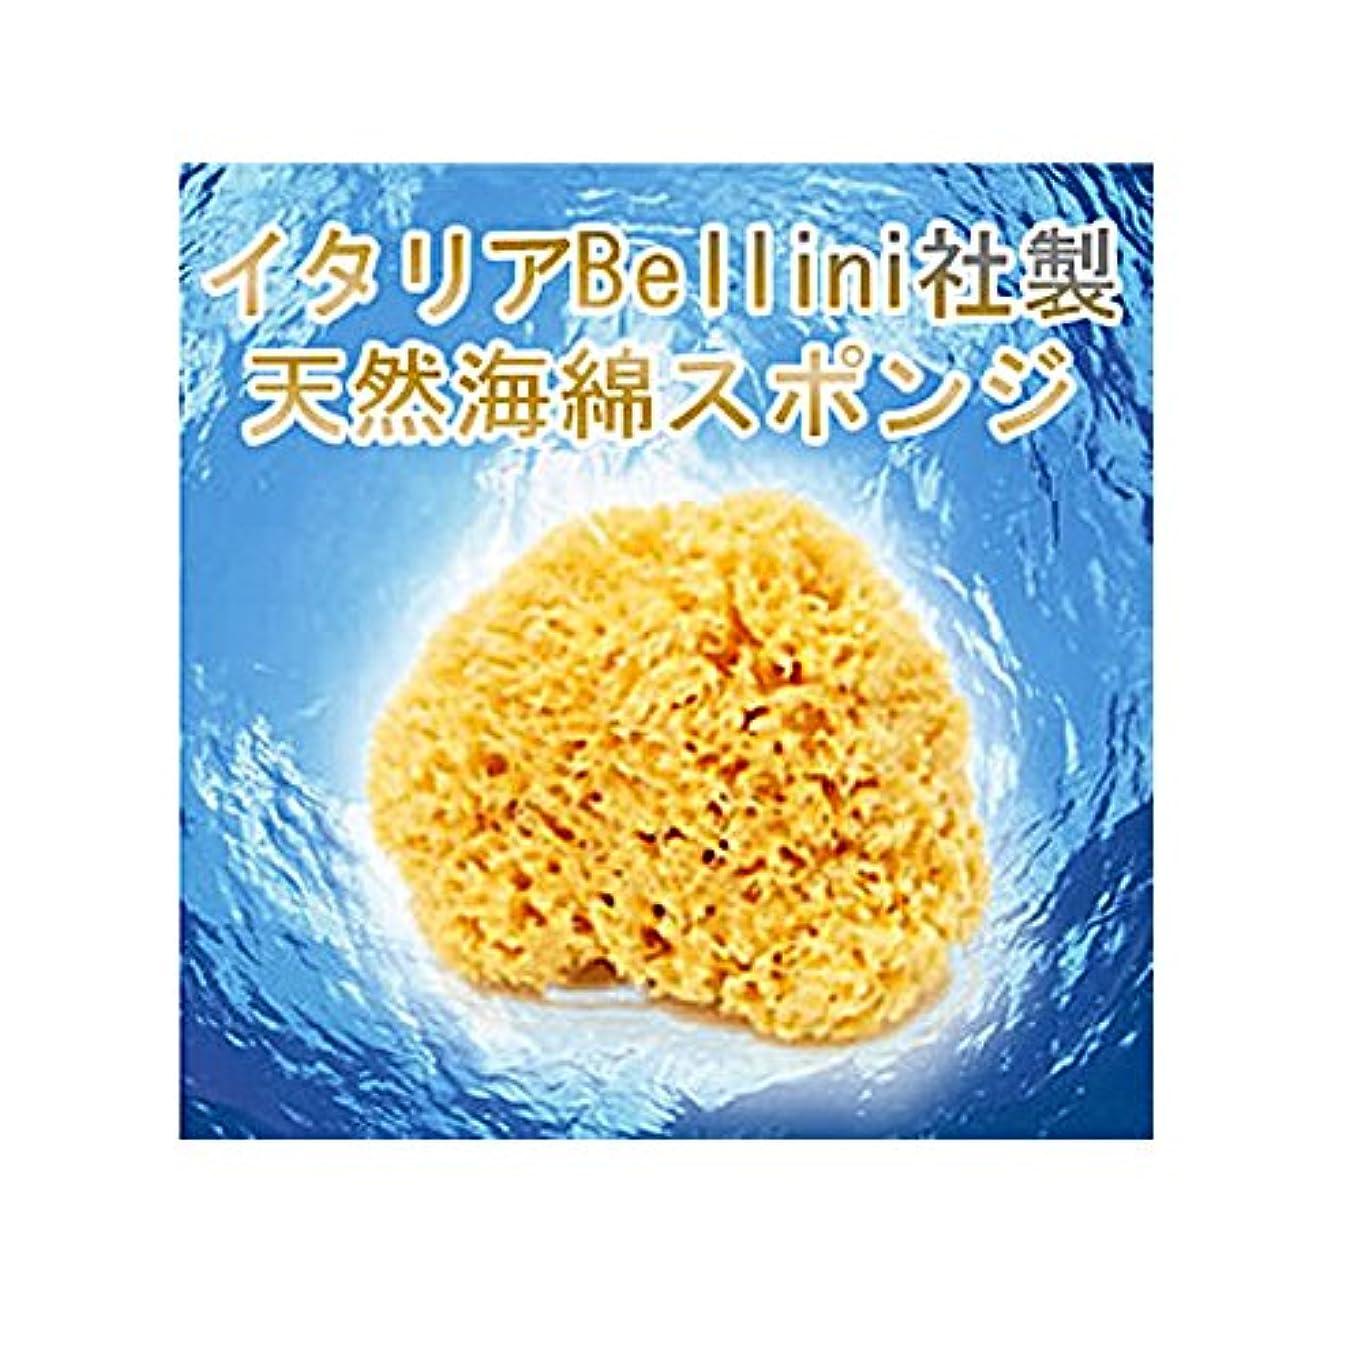 メディックブリーフケースブリーフケースイタリア産最高級天然海綿ハニコム種(16cm)